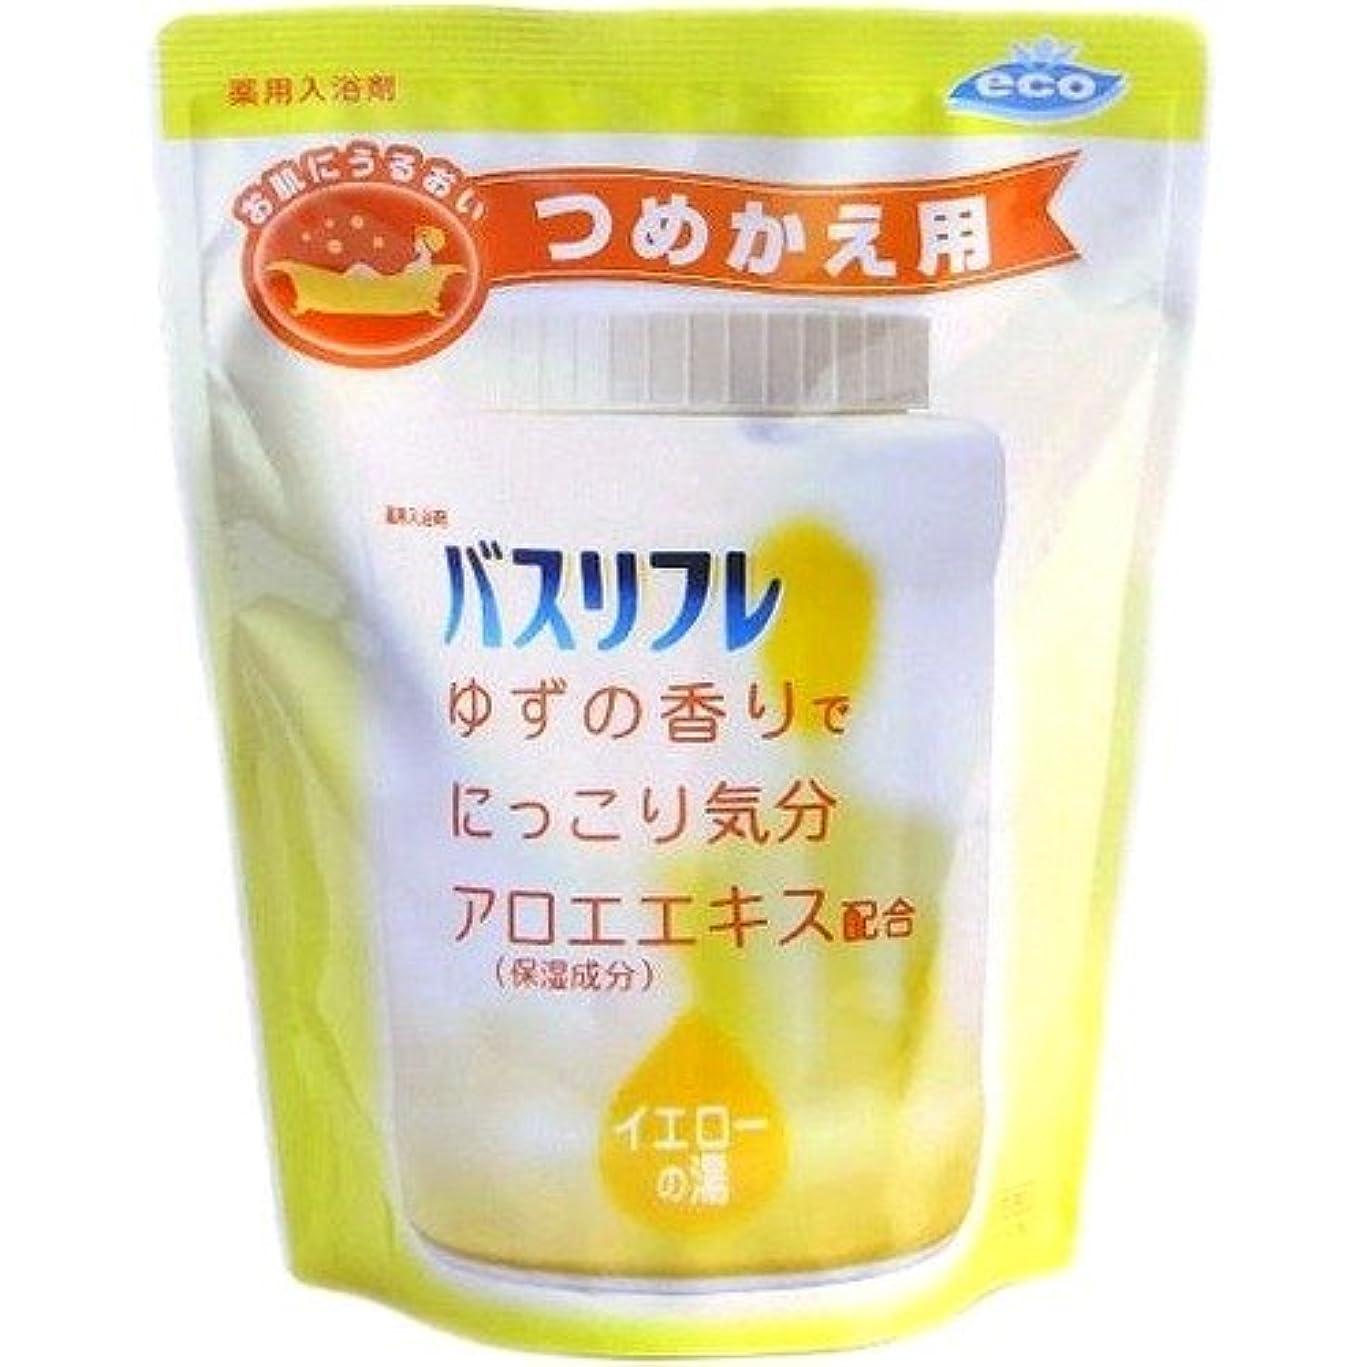 ずらす咽頭チーズライオンケミカル バスリフレ 薬用入浴剤 ゆずの香り つめかえ用 540g 4900480080102